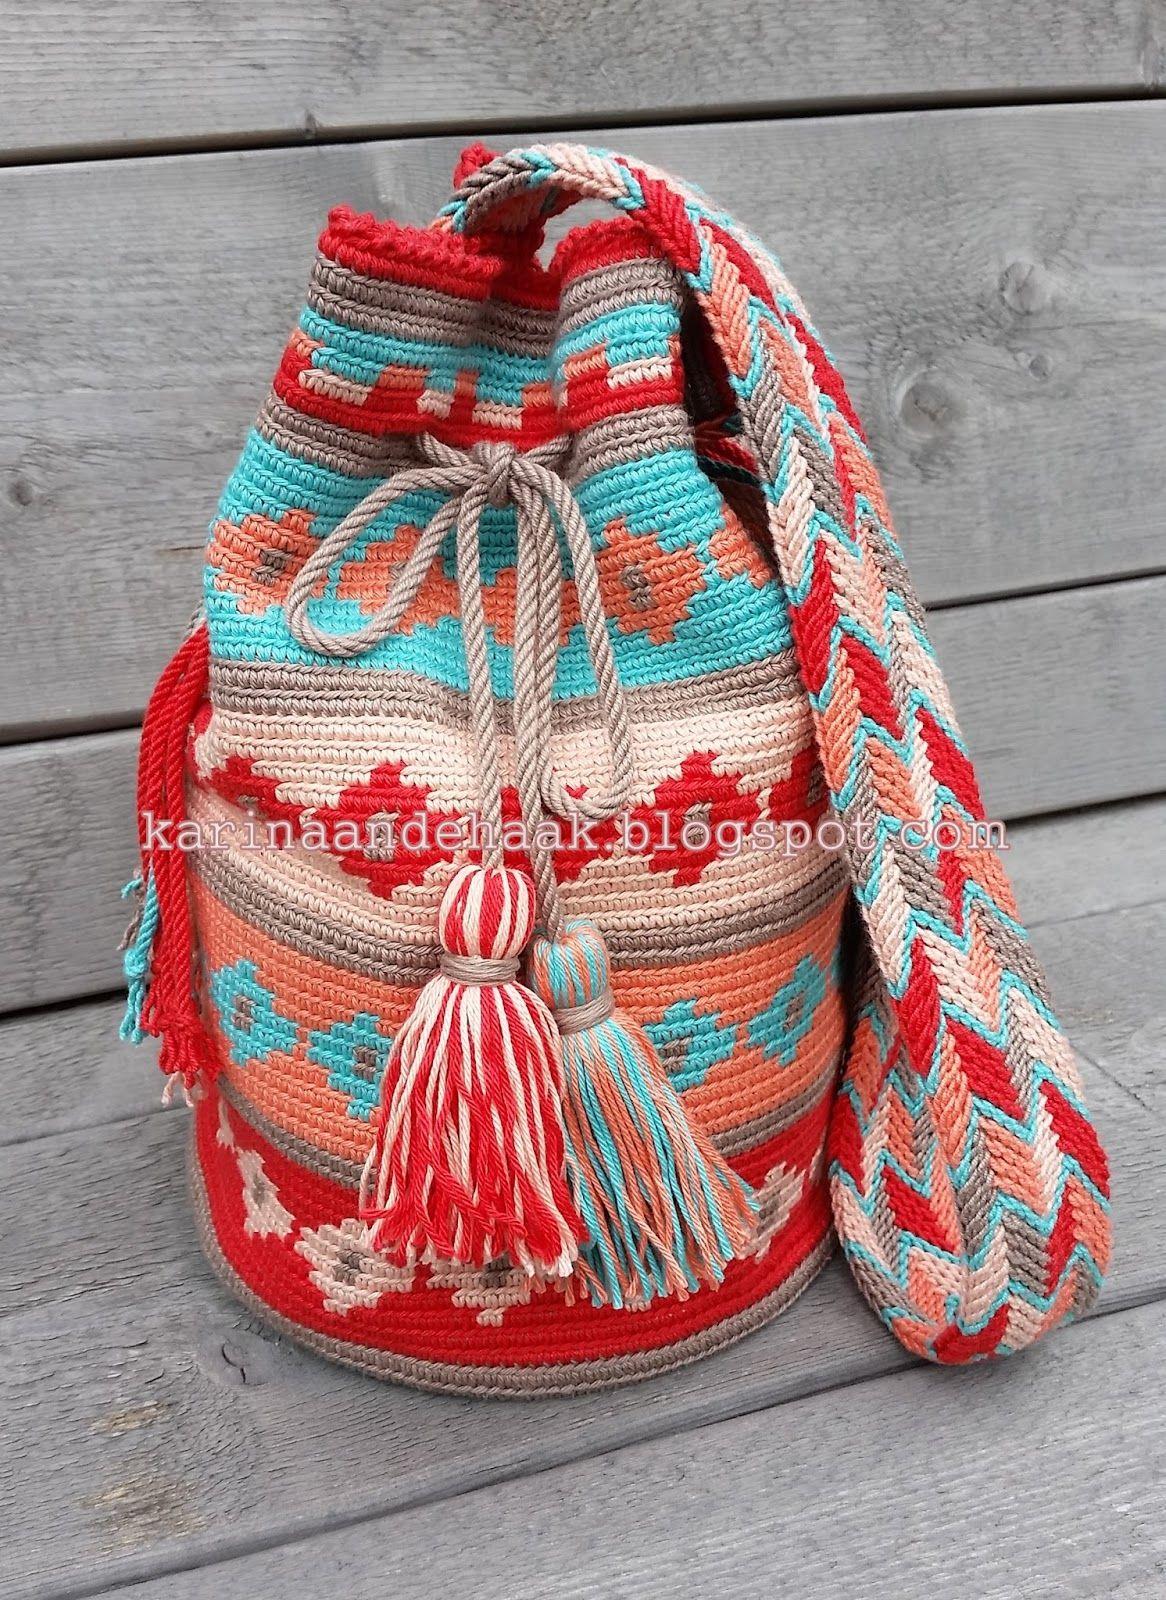 Pin von Nalani K. auf Yarn Crafts   Pinterest   Gehäkelte taschen ...